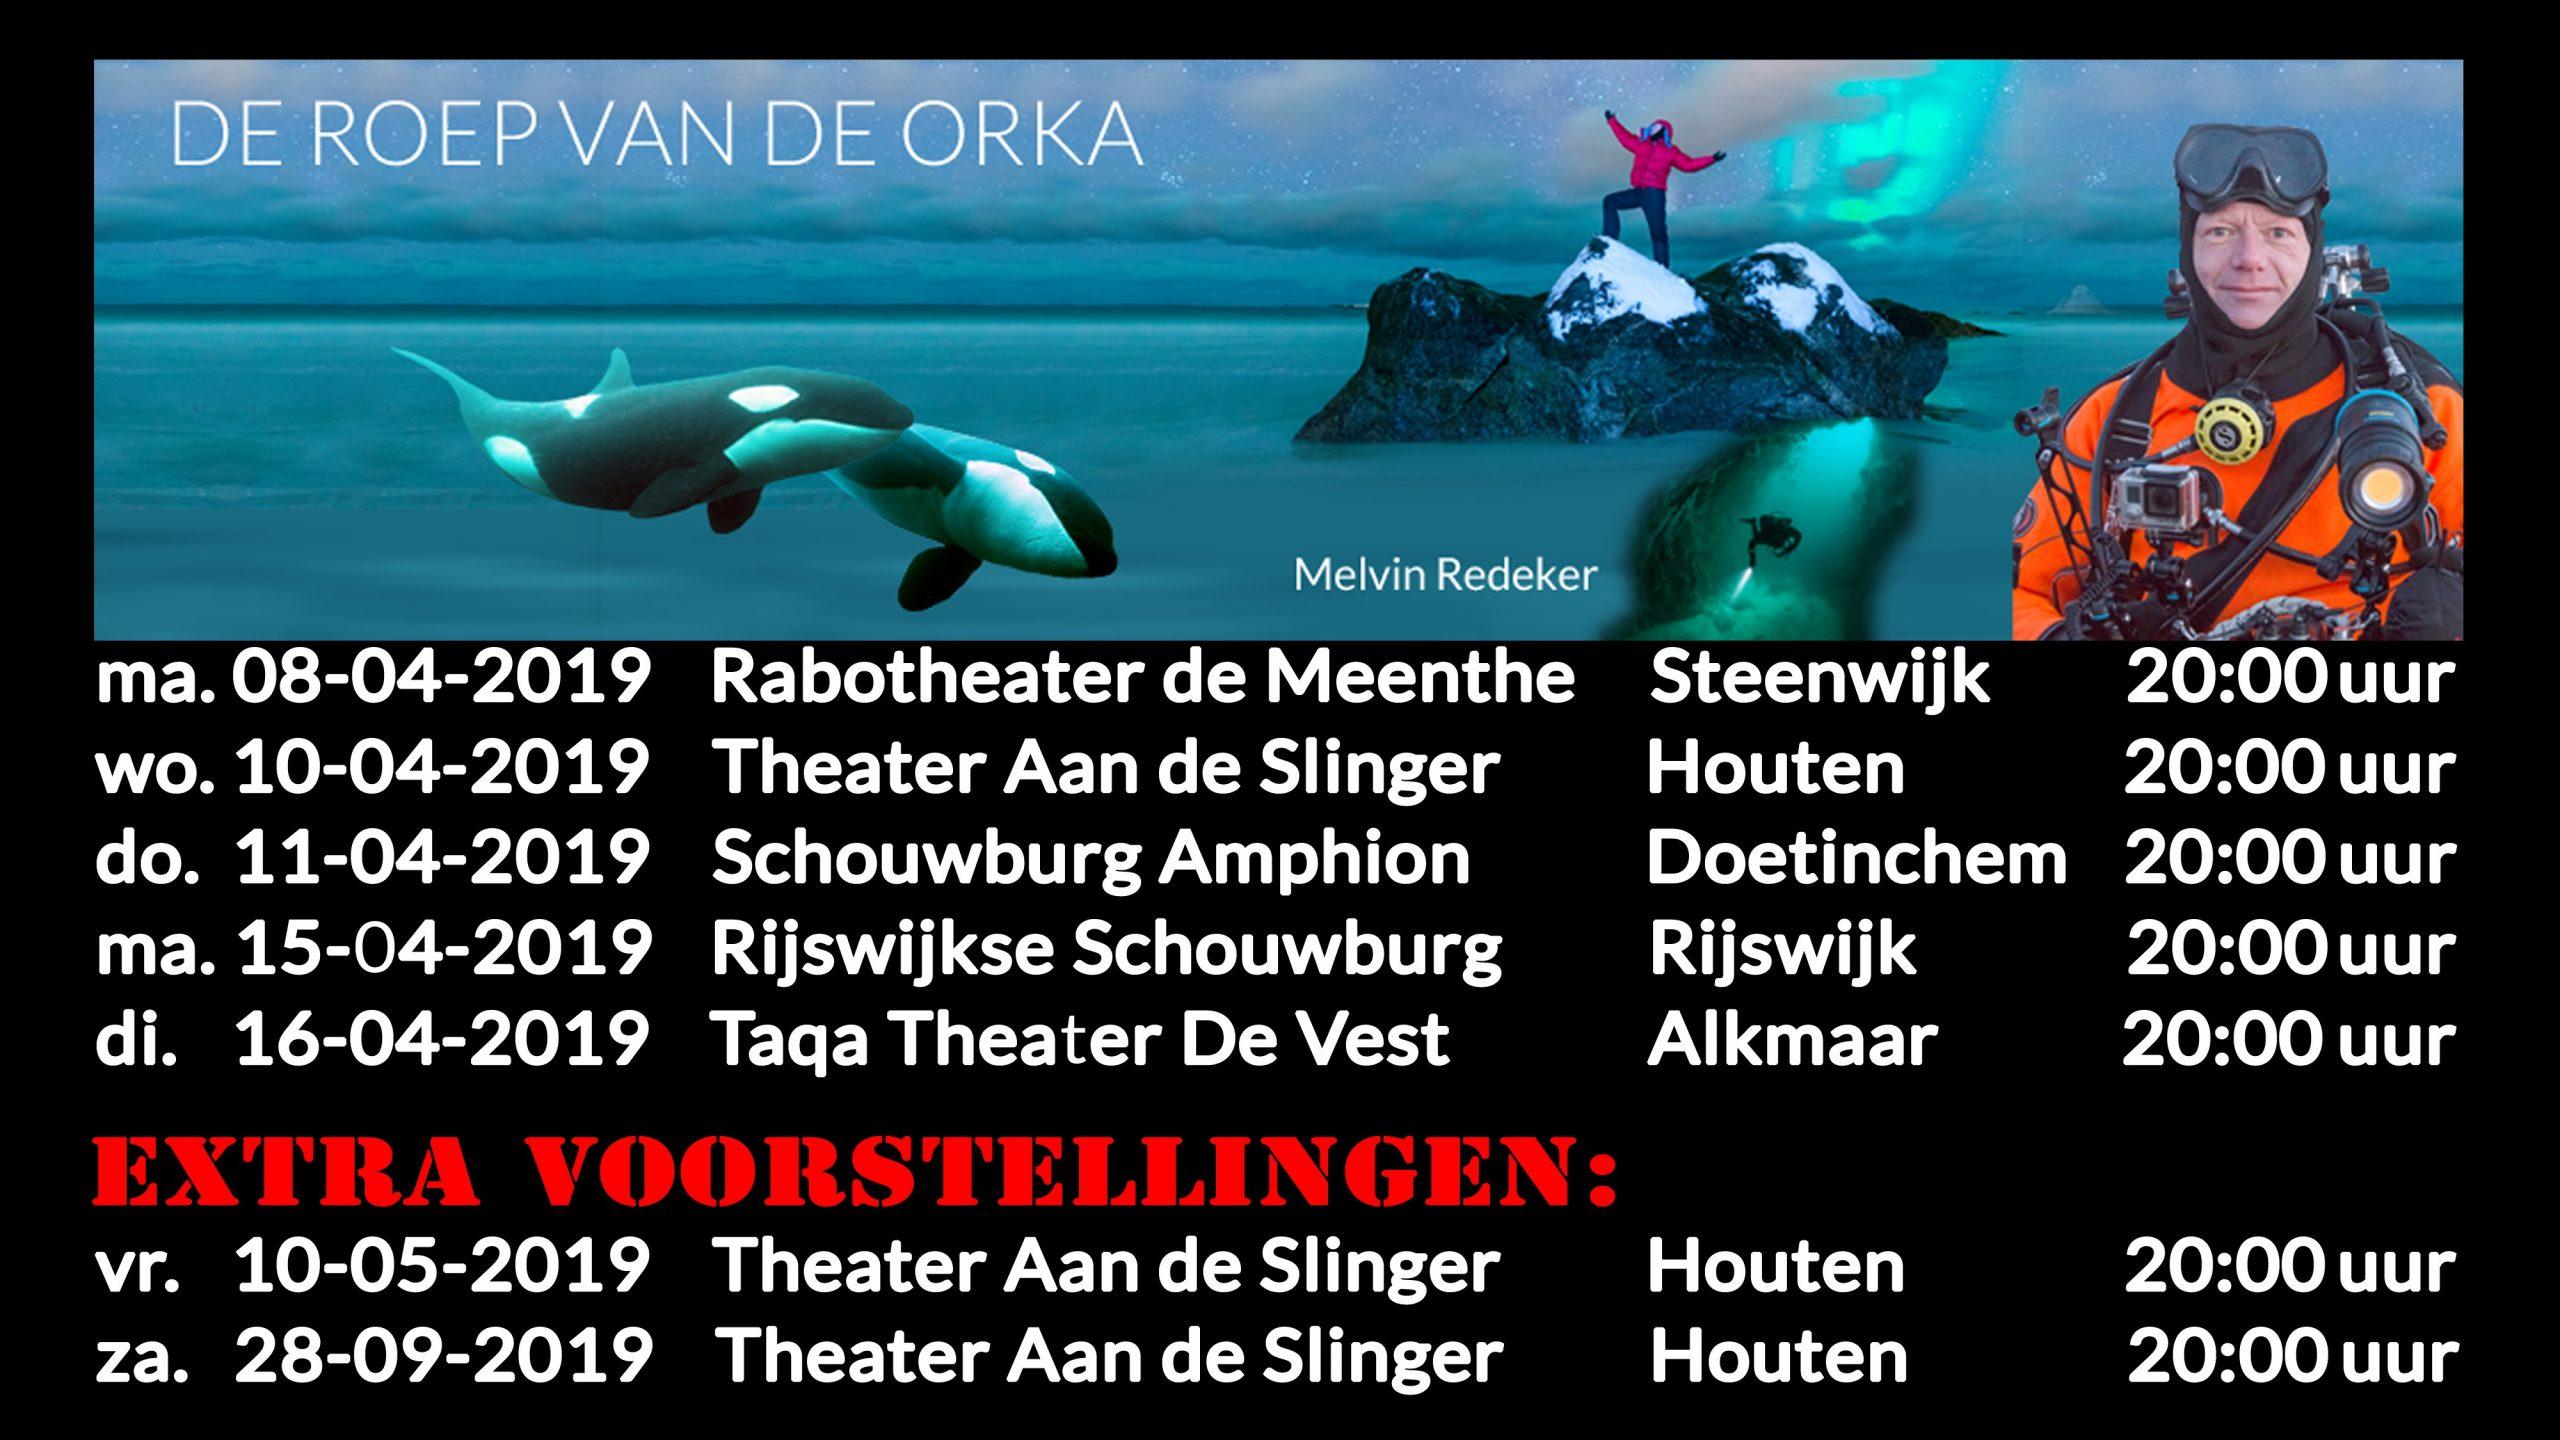 Theatershow 10 mei uitverkocht